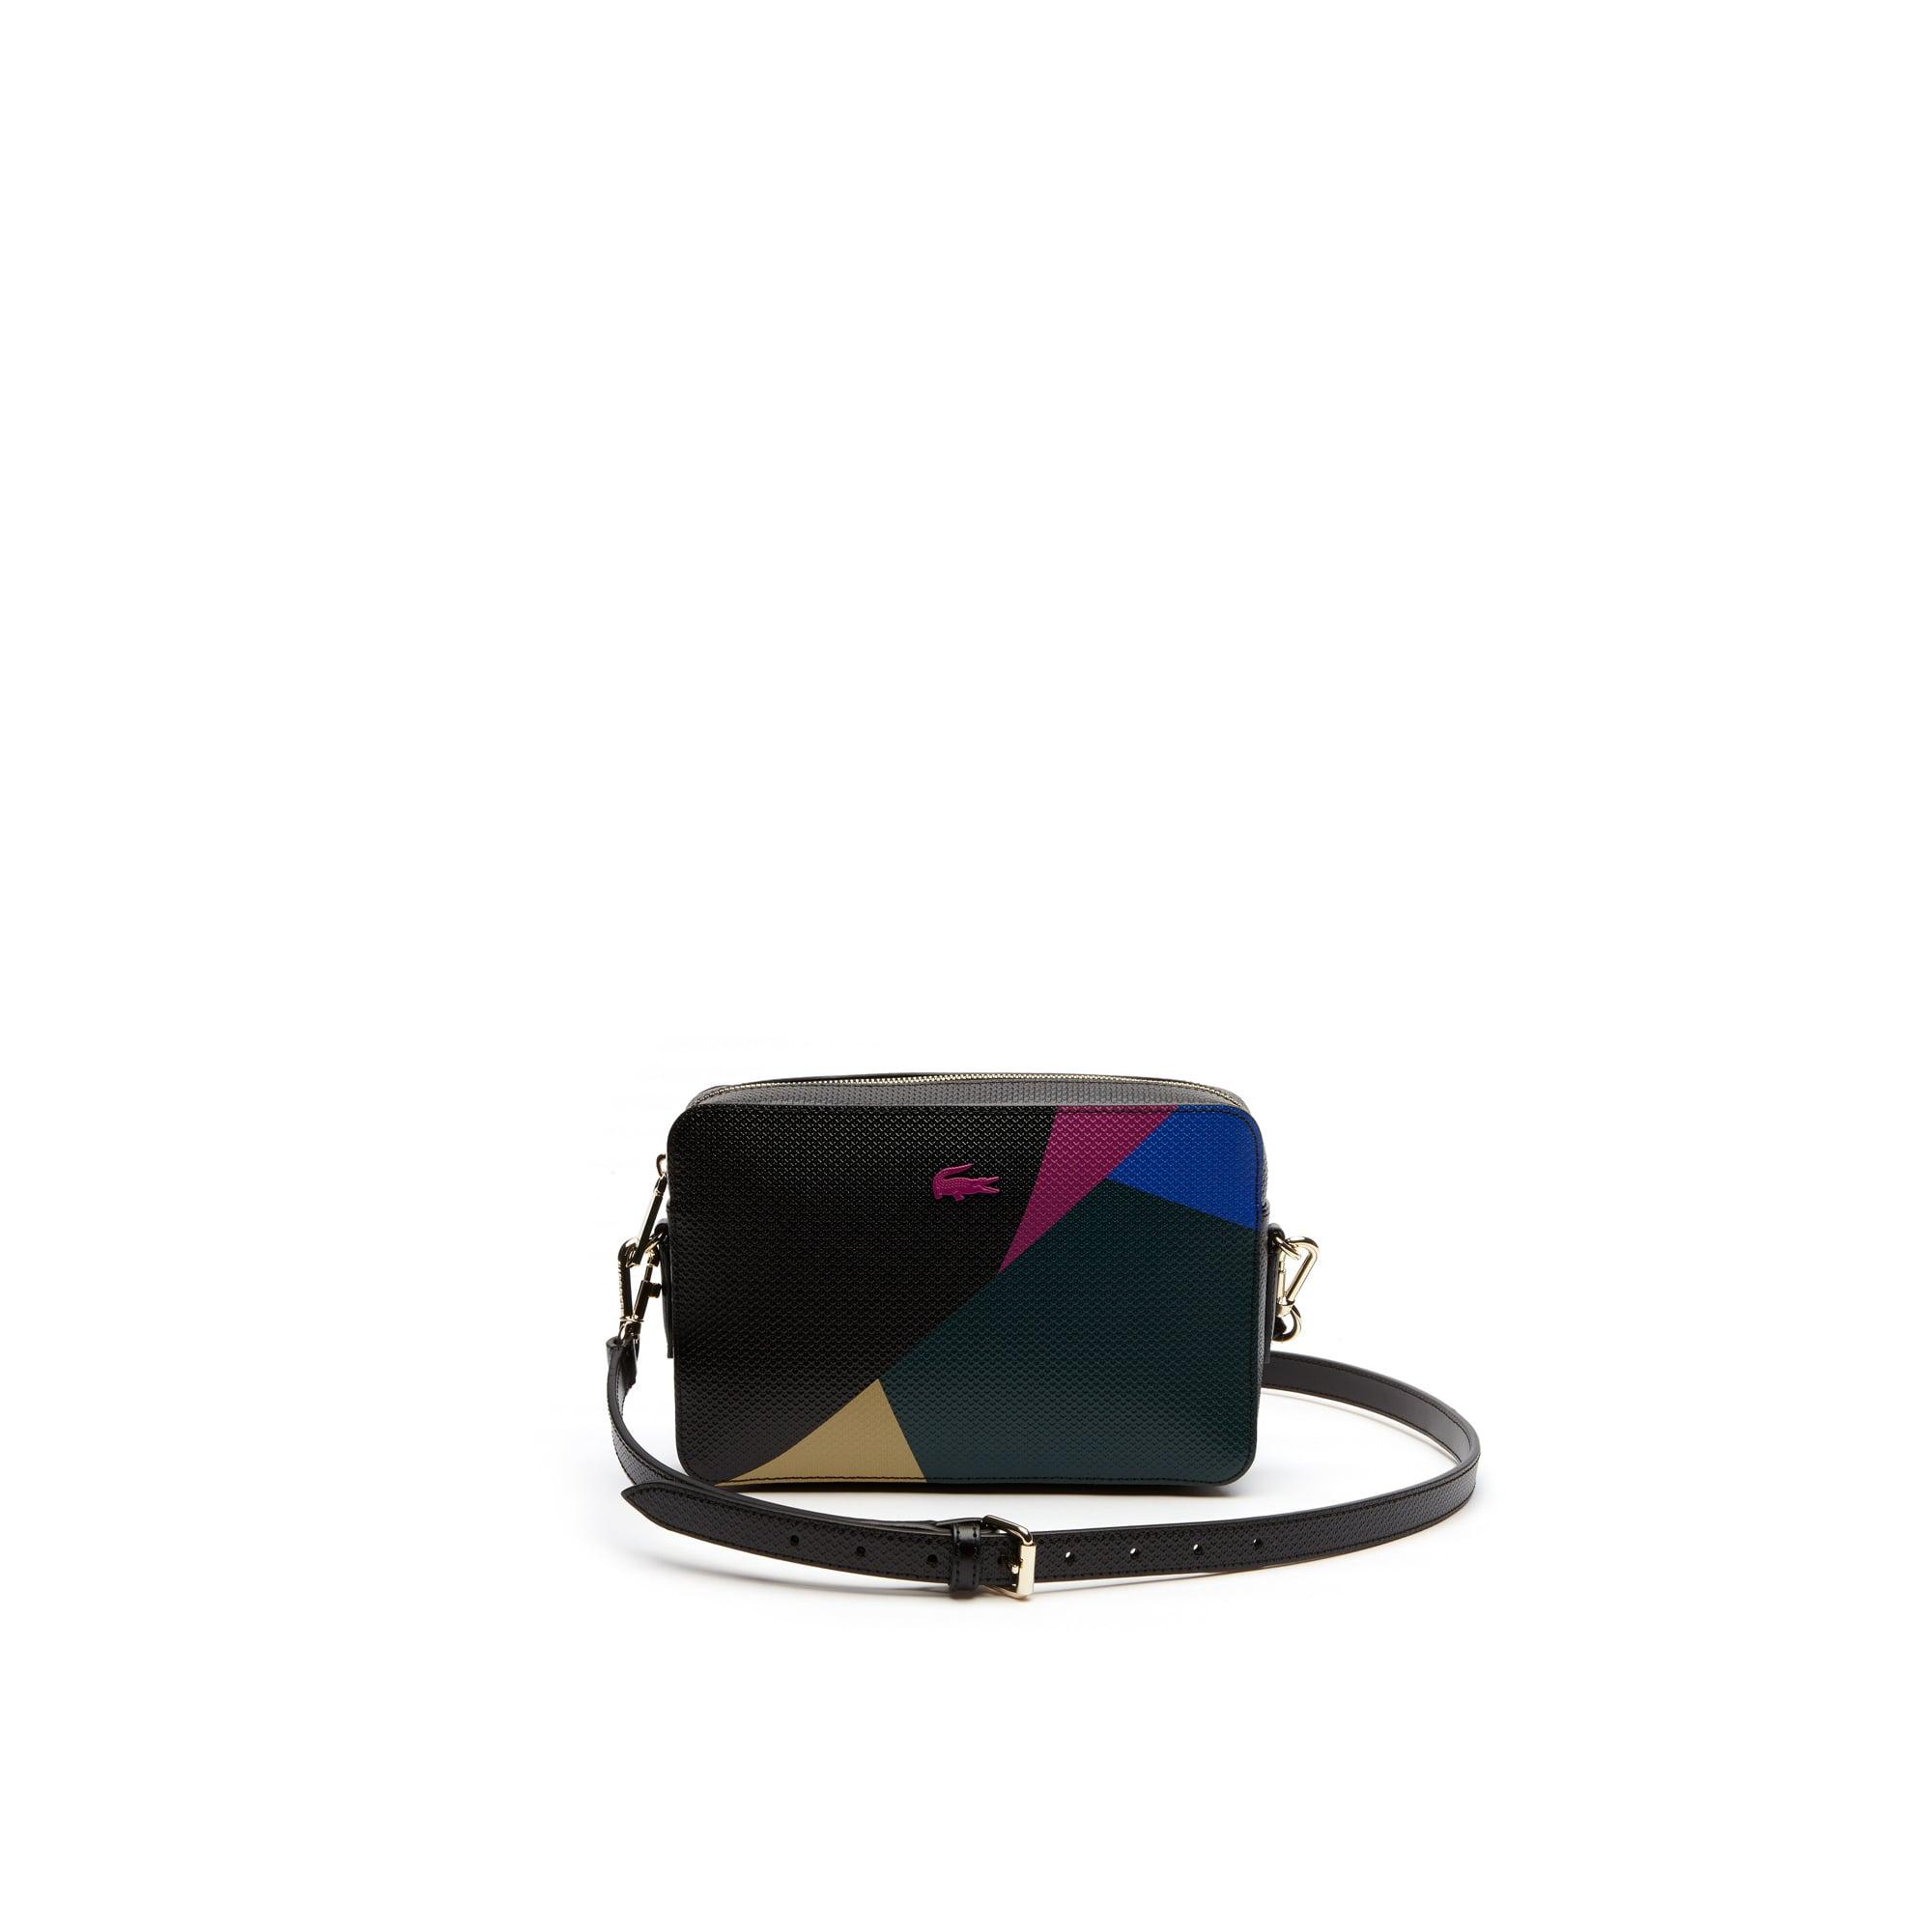 Women's Chantaco Colorblock Square Leather Shoulder Bag